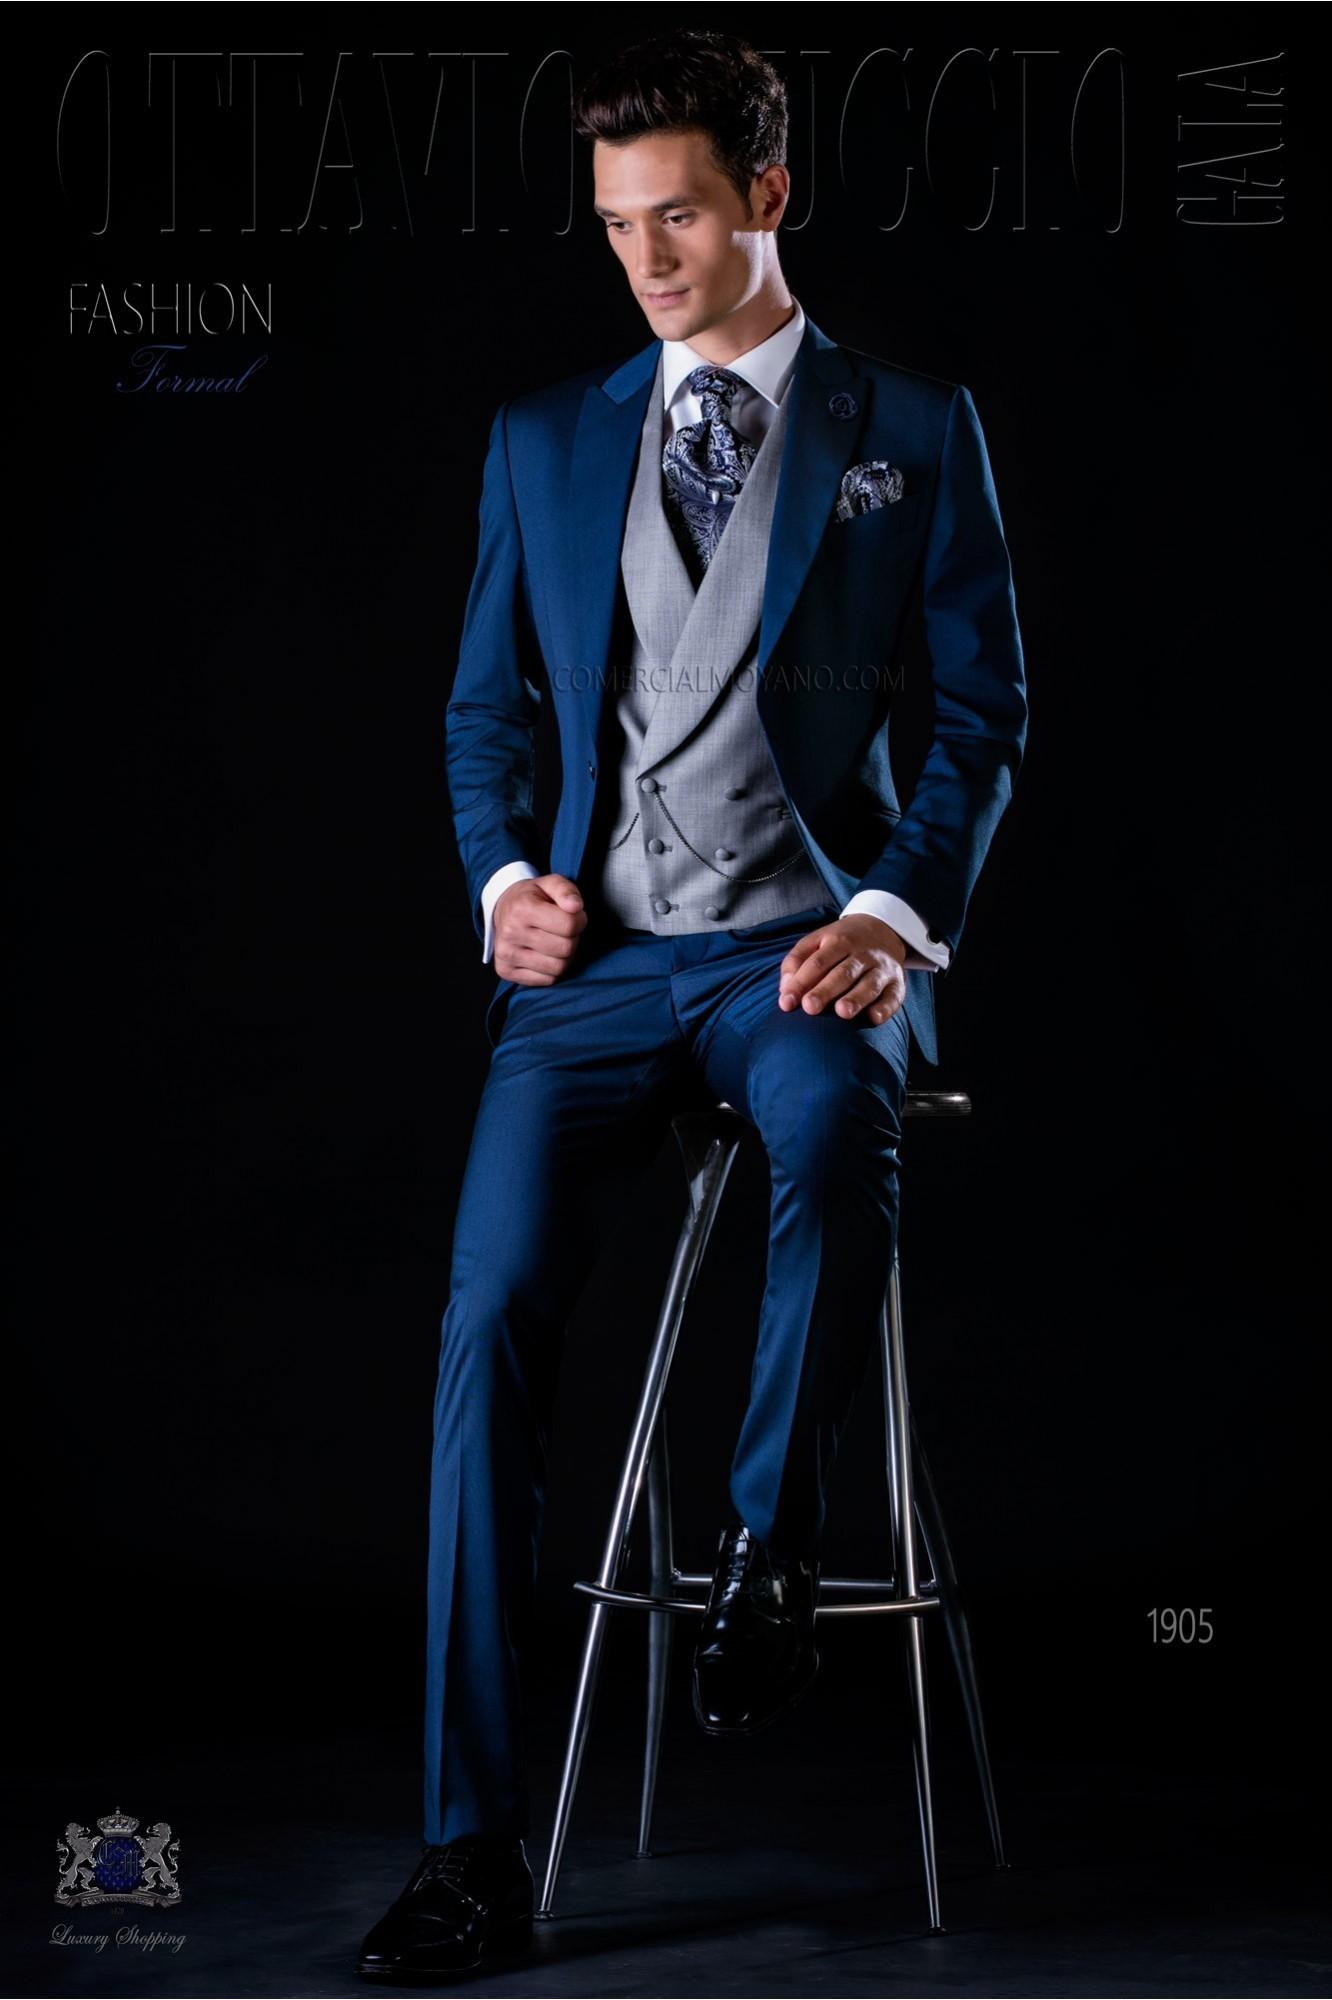 Traje de novio moderno azul con solapa pico modelo: 1905 Ottavio Nuccio Gala colección Fashion